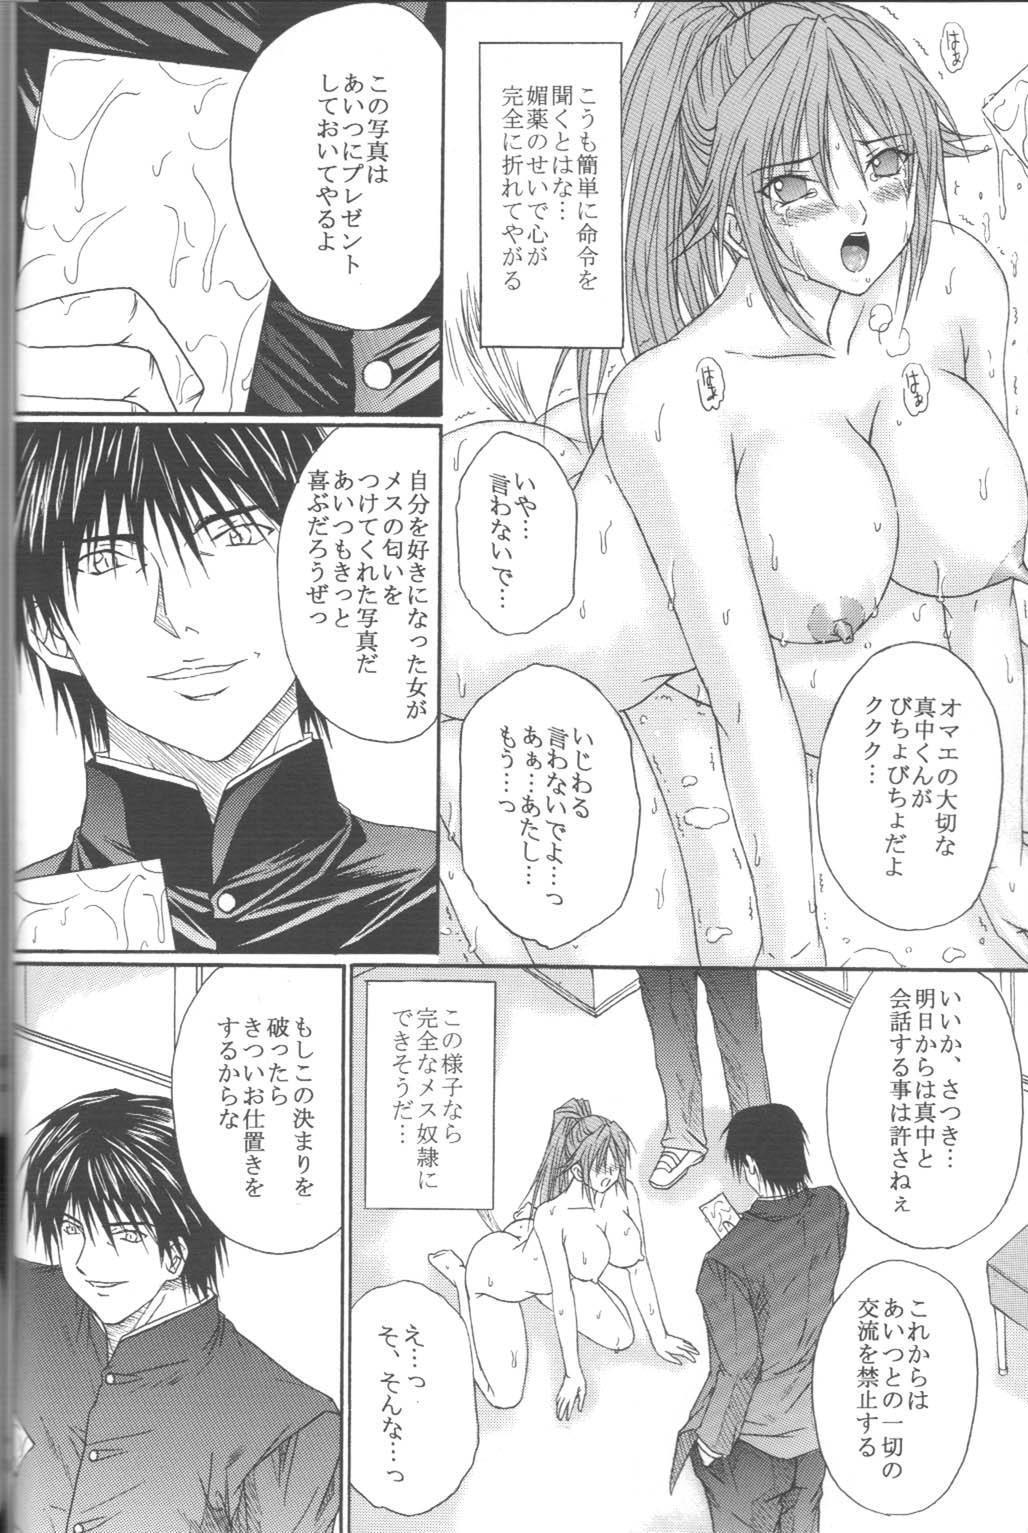 Ryoujoku Rensa 05 16